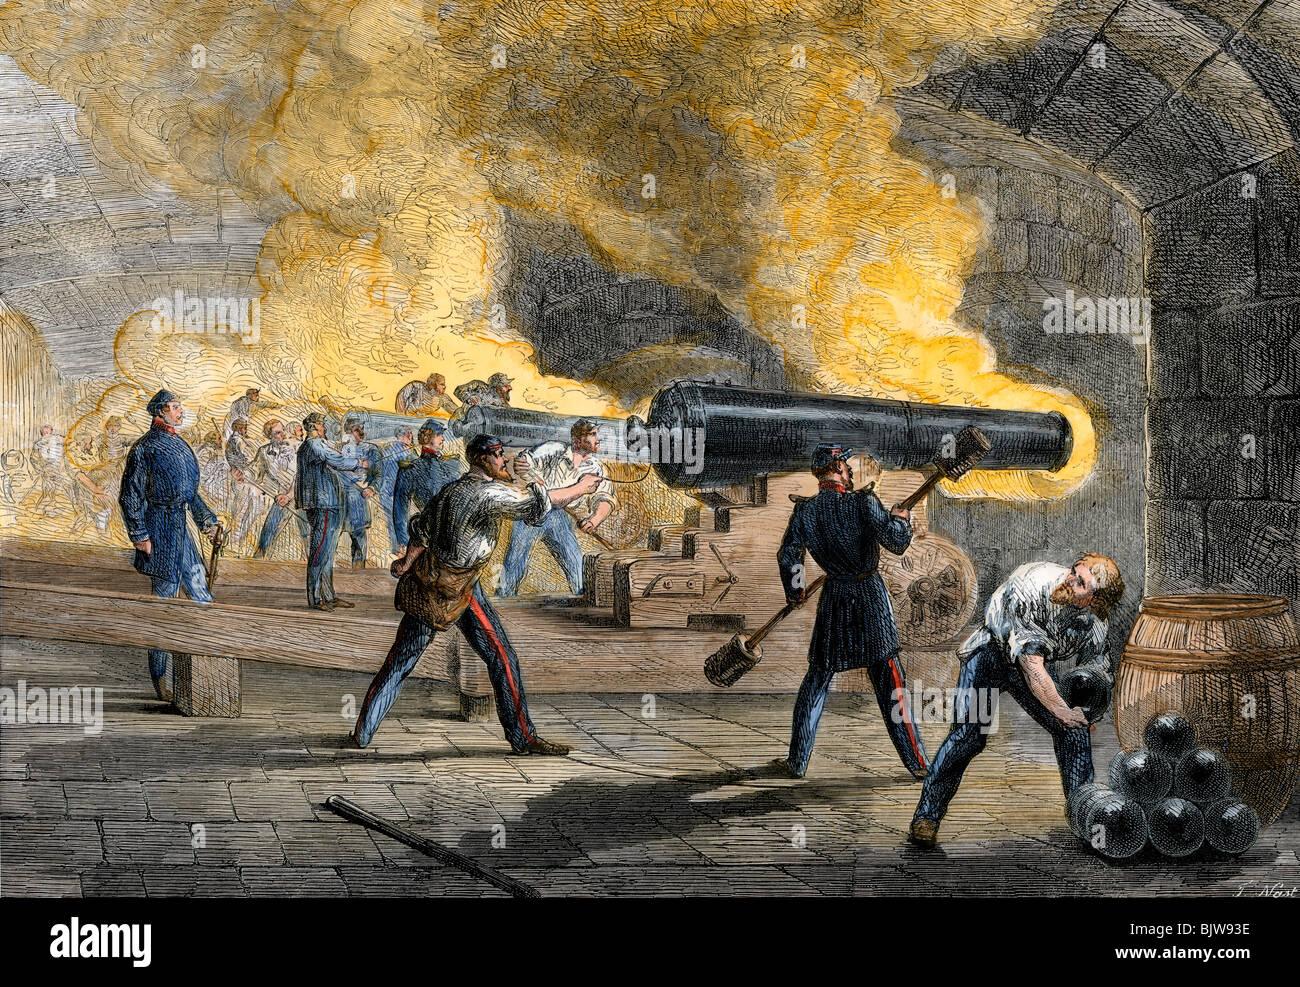 Kanonen von Fort Sumter wieder Feuer von Fort Moultrie zu Beginn des Bürgerkrieges 1861 Stockbild